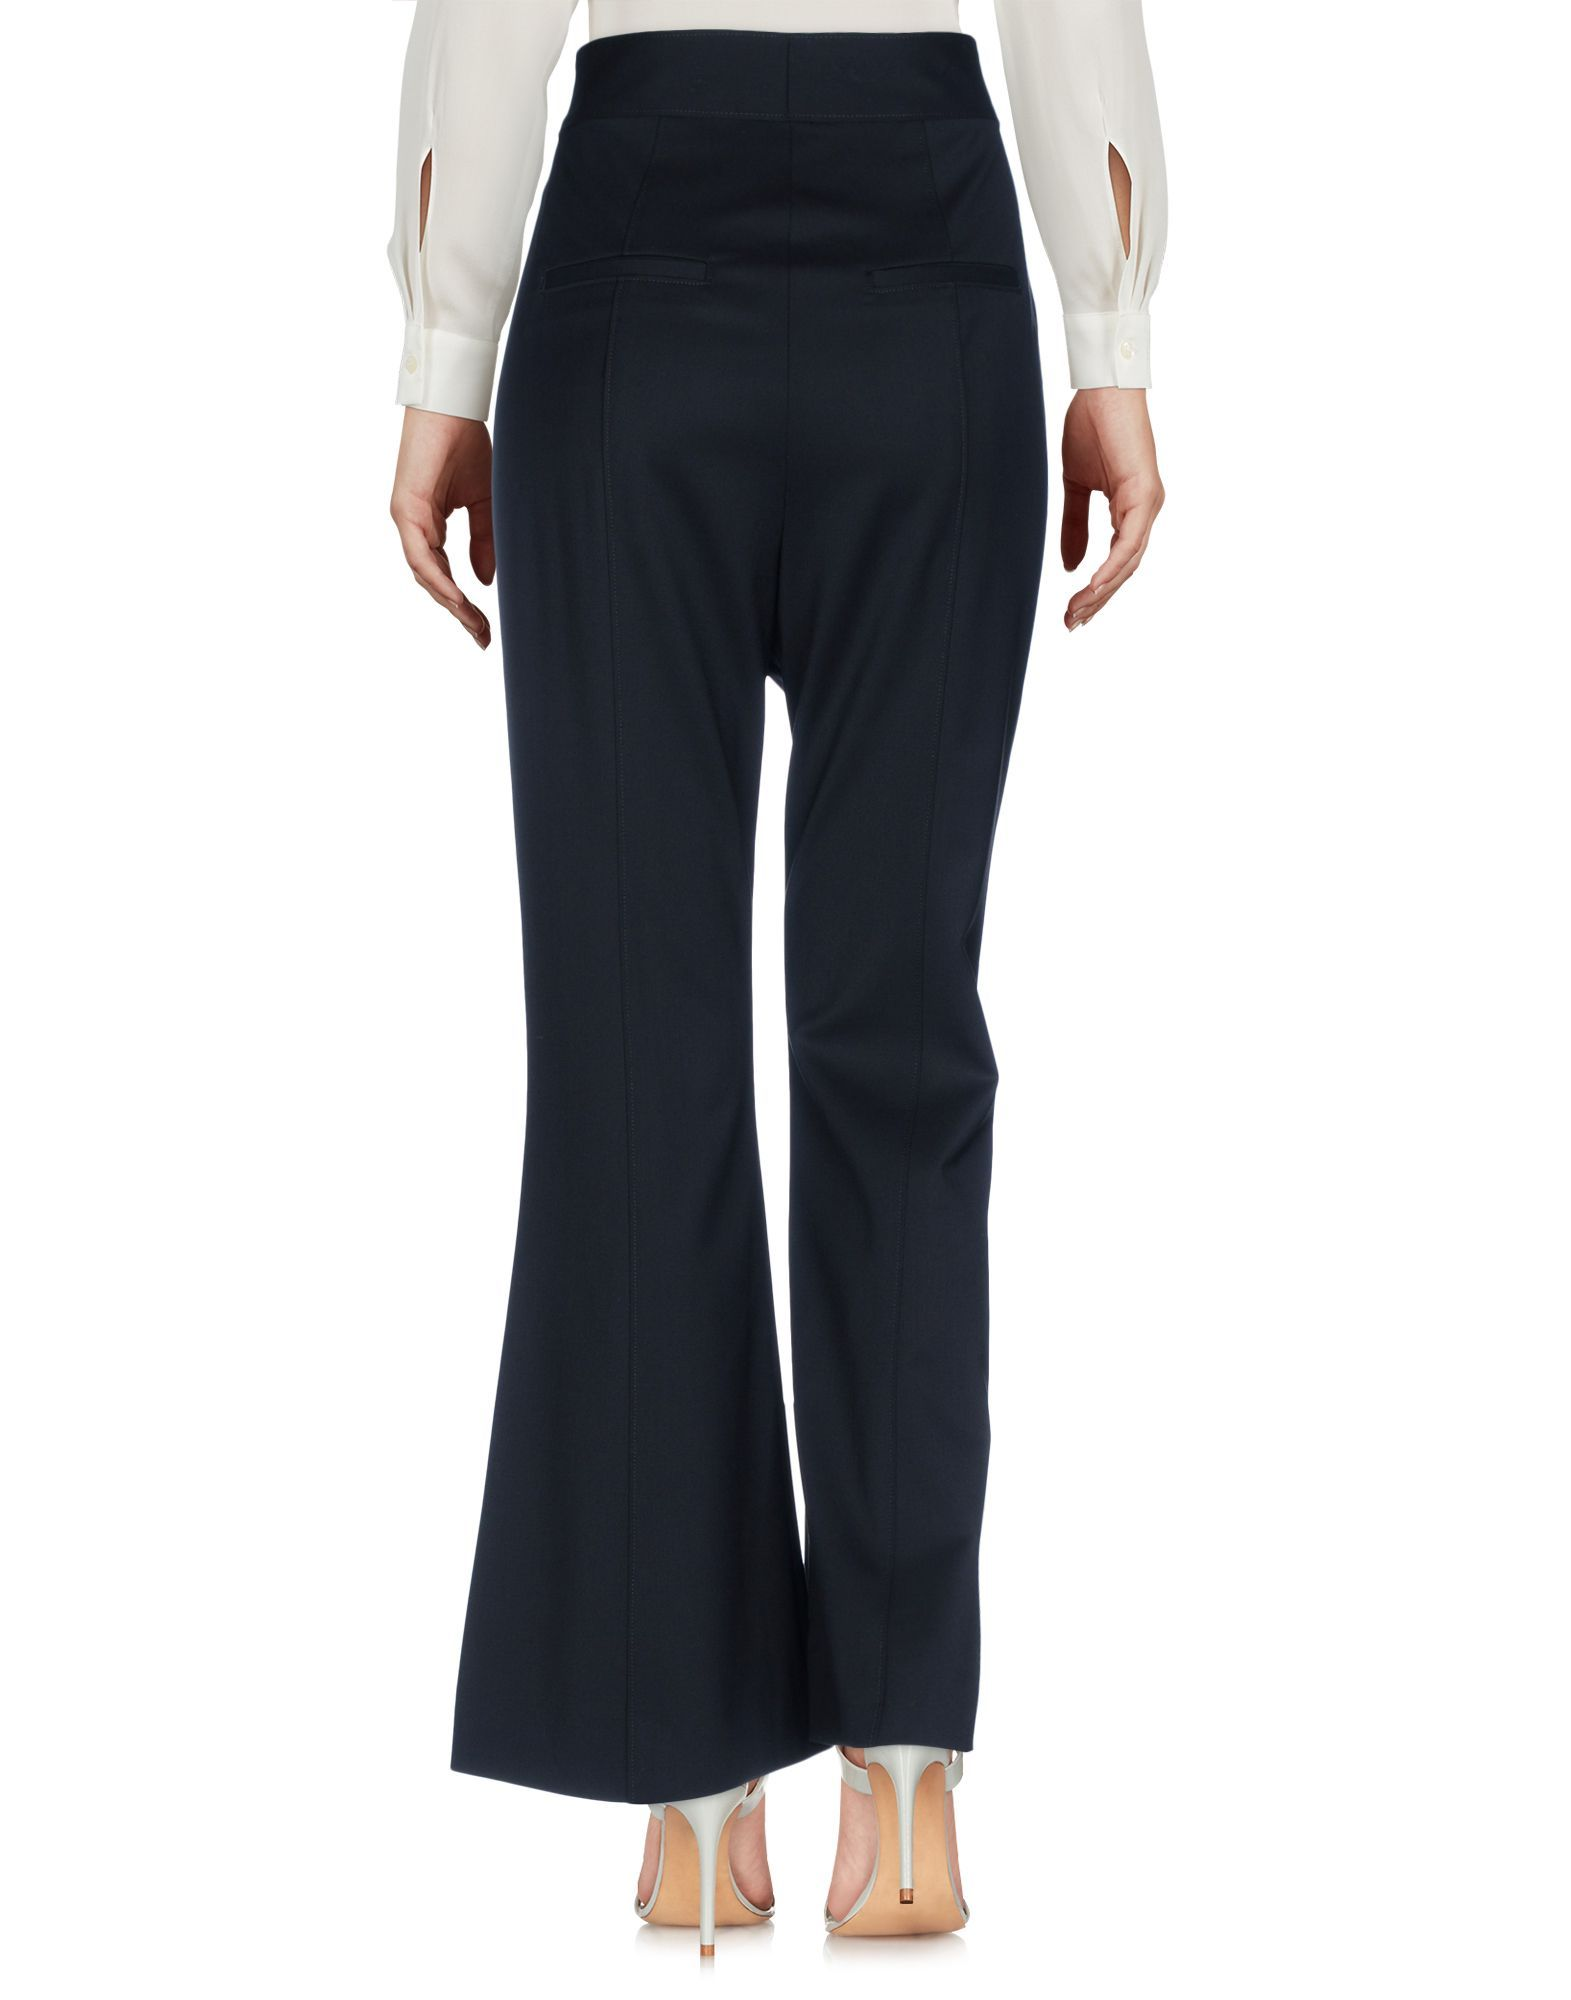 Proenza Schouler Black Virgin Wool Wide Leg Trousers